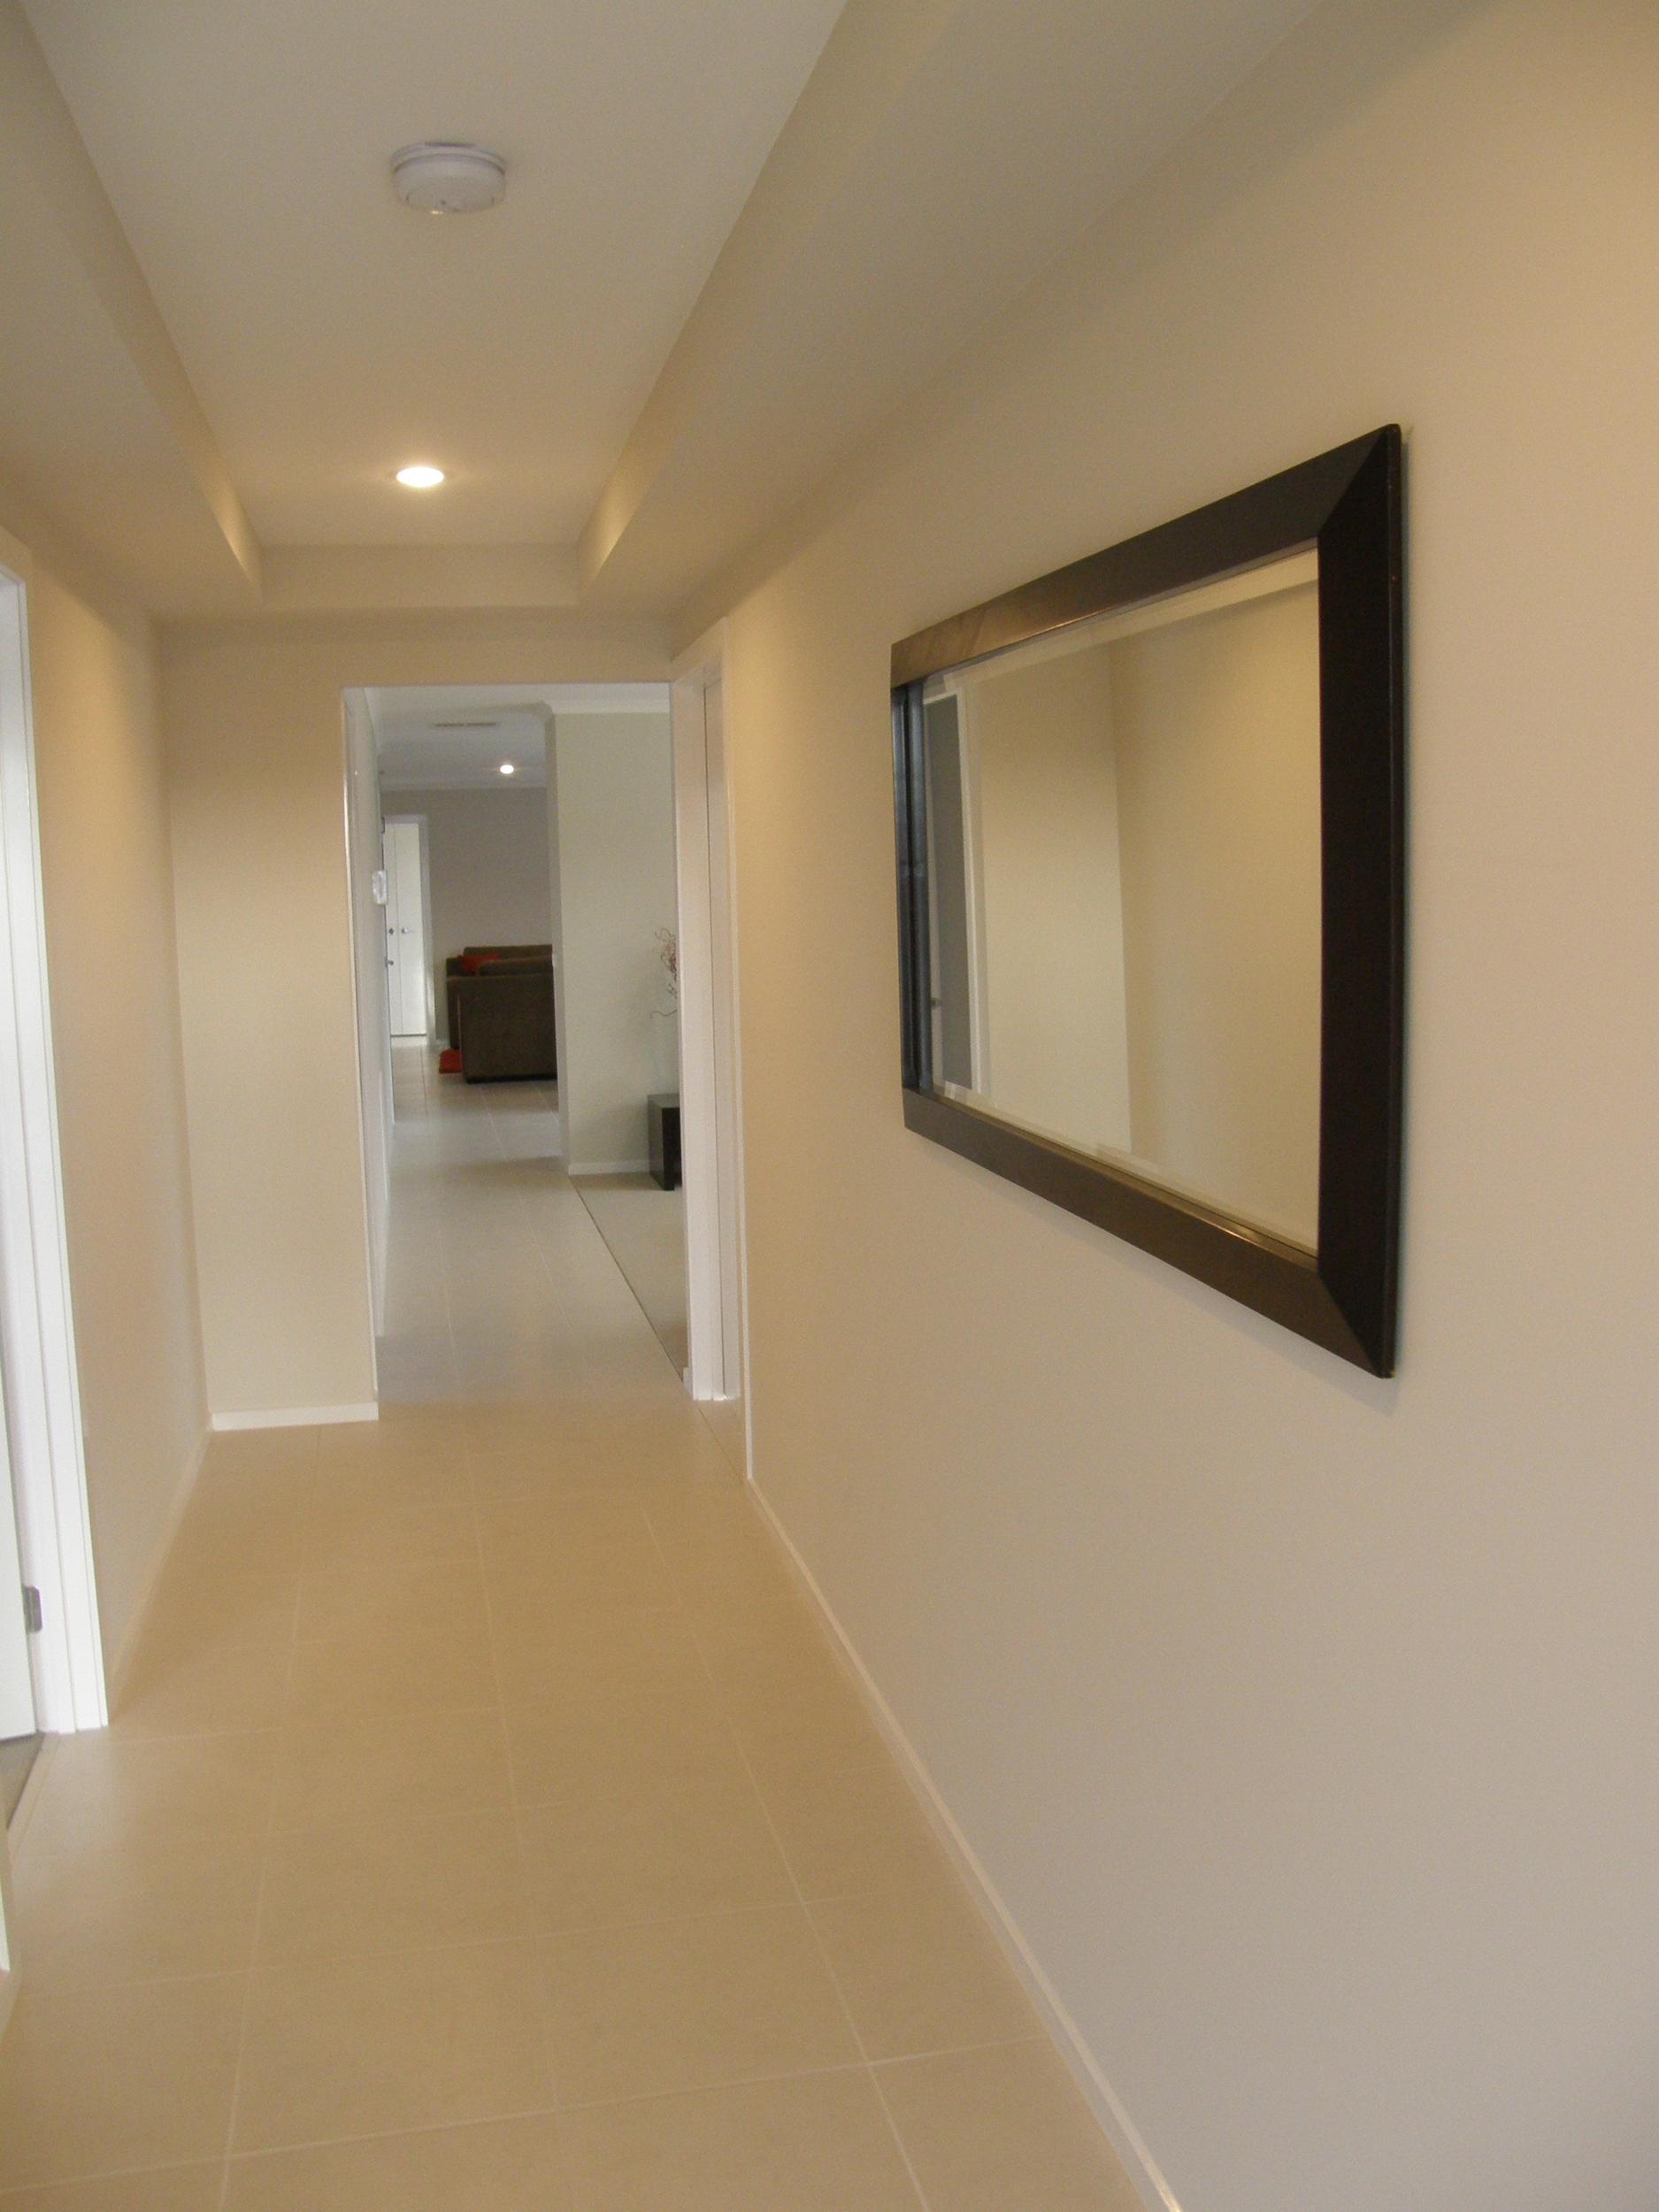 Oxford Hallway.jpg